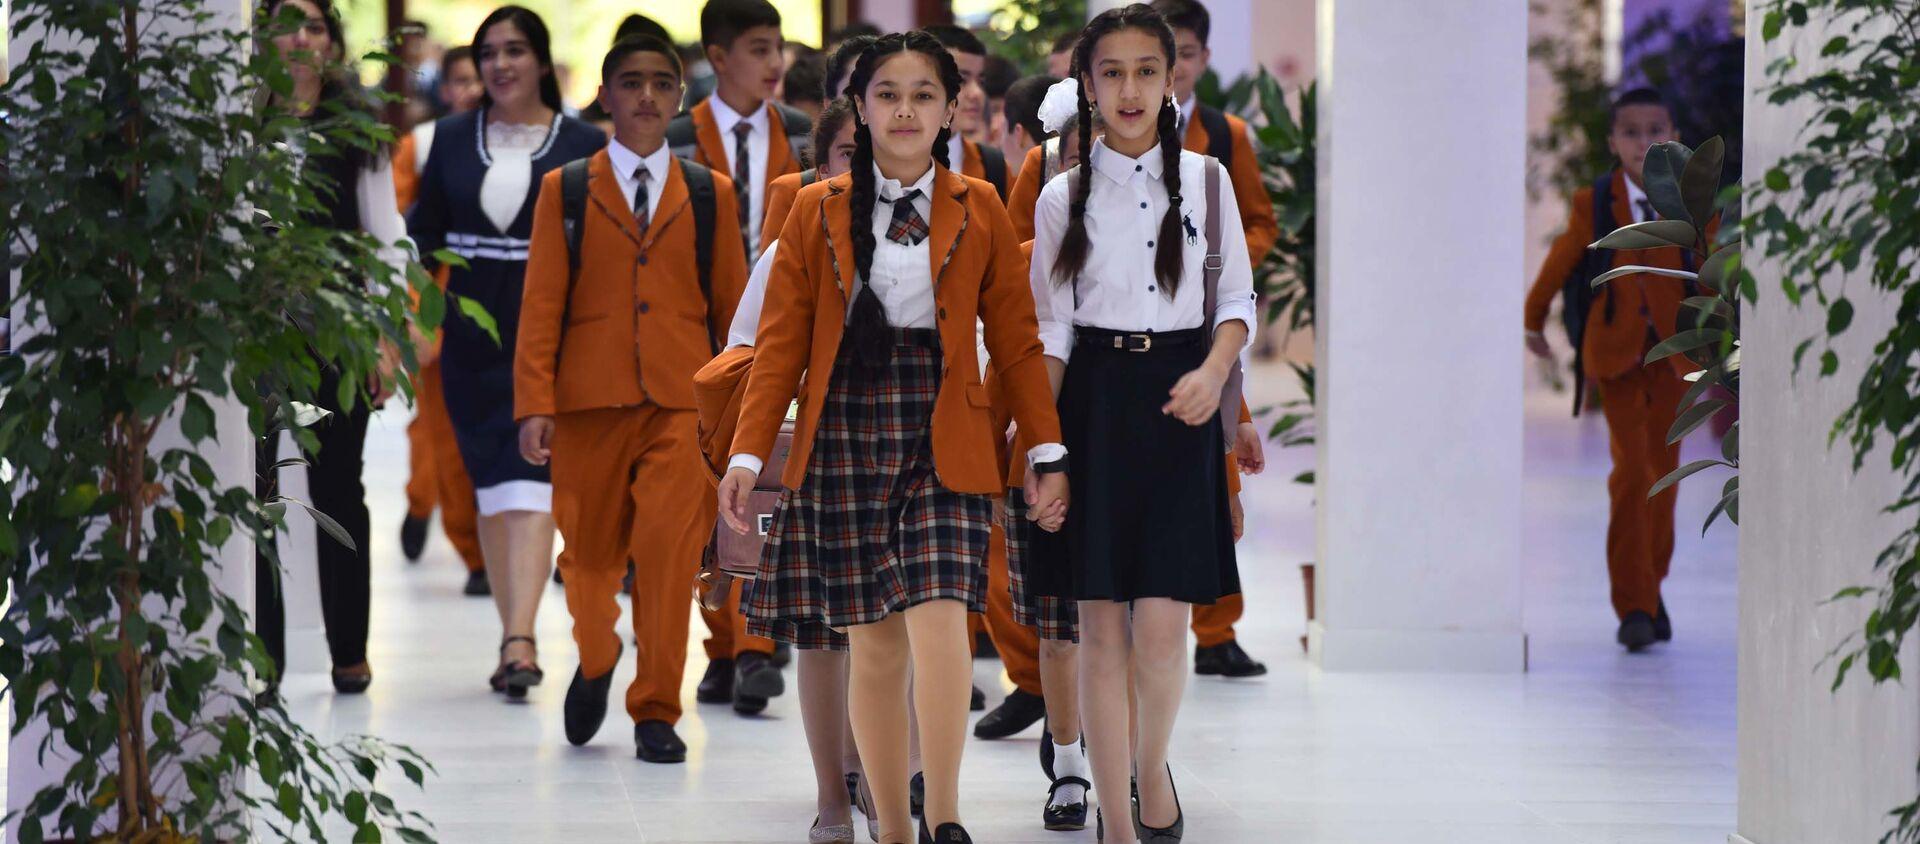 Школьники в первый учебный день в Душанбе  - Sputnik Таджикистан, 1920, 27.10.2020